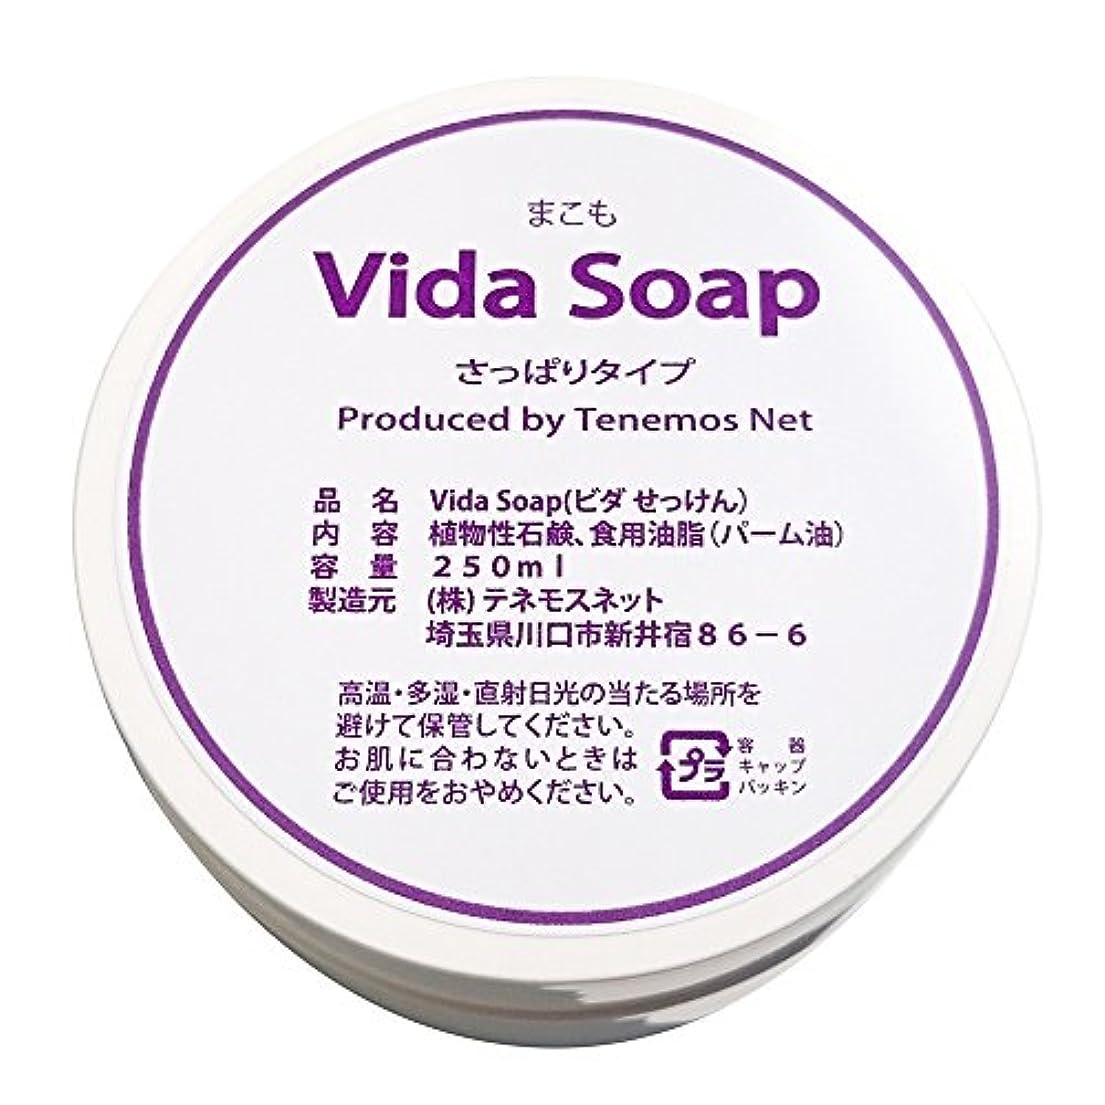 スワップ作曲するパキスタン人テネモス ビダせっけん Vida Soap さっぱりまこも 植物性 250ml